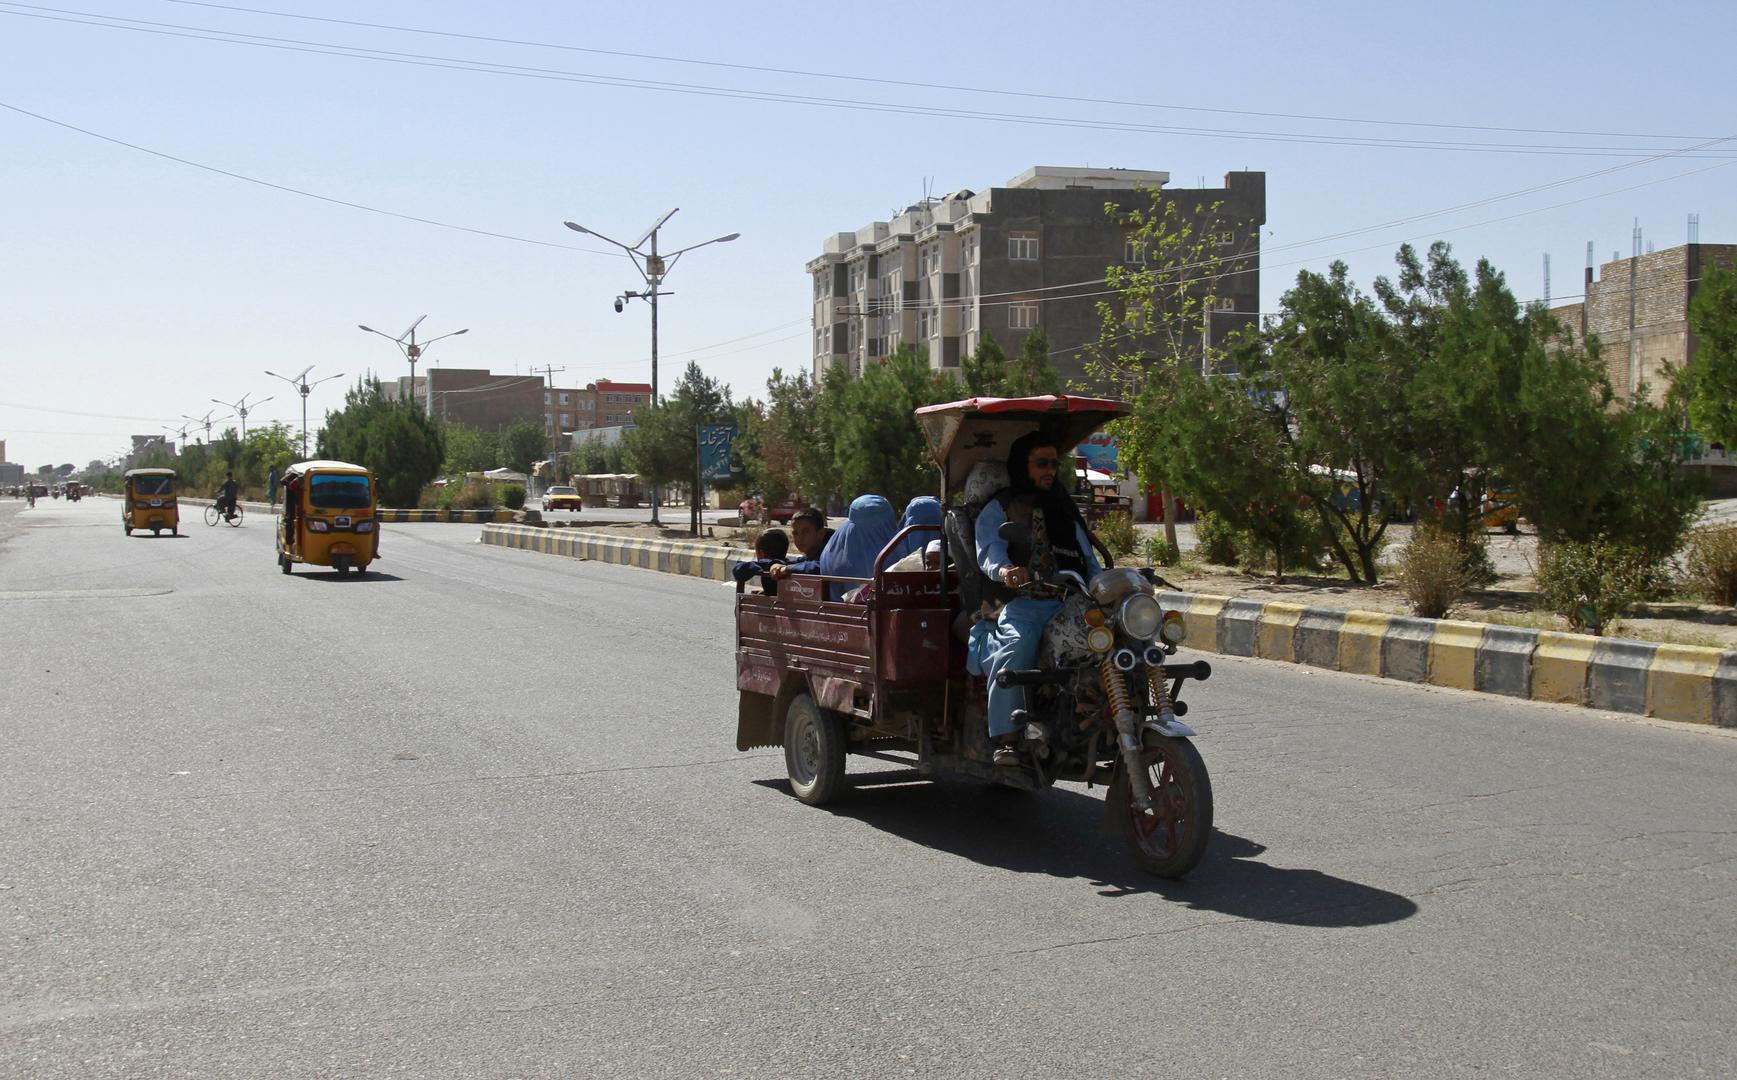 مسؤول أفغاني: مقتل 5 أشخاص في هجوم بقذائف هاون في قندهار